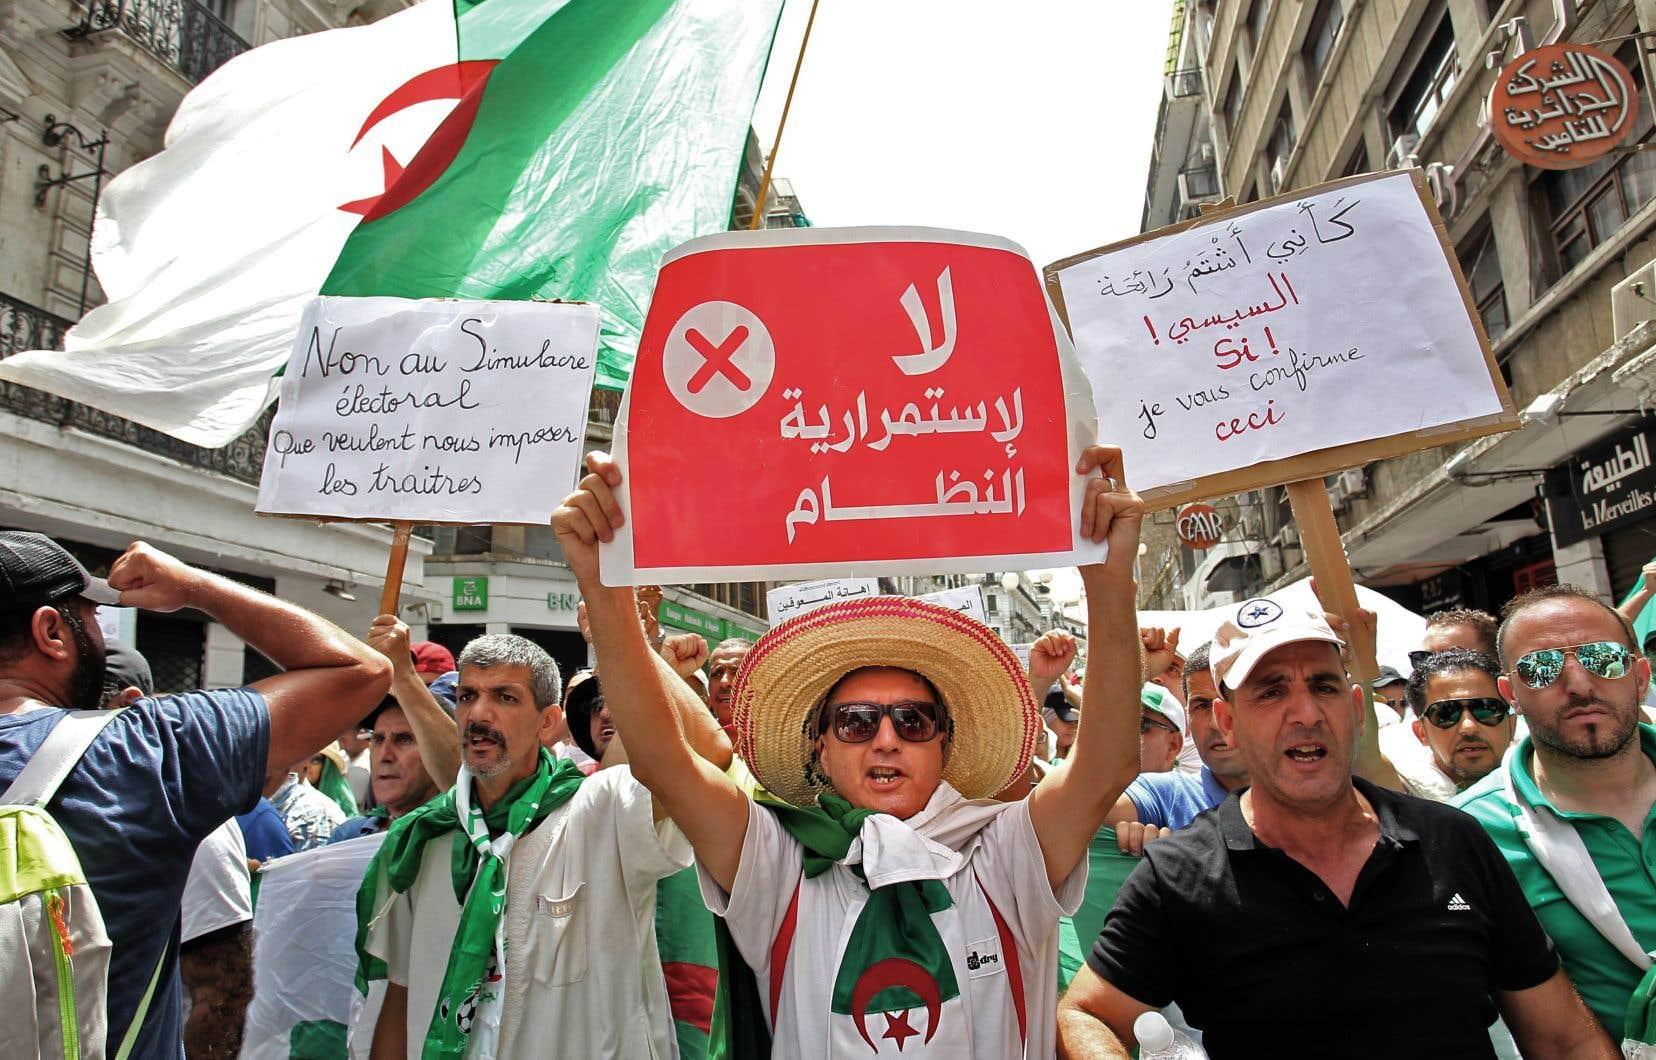 Selon l'auteur, on ne peut que saluer le courage des manifestants d'Algérie ou de Hong Kong qui se battent parce qu'ils considèrent, à juste titre, que leurs institutions démocratiques sont menacées.